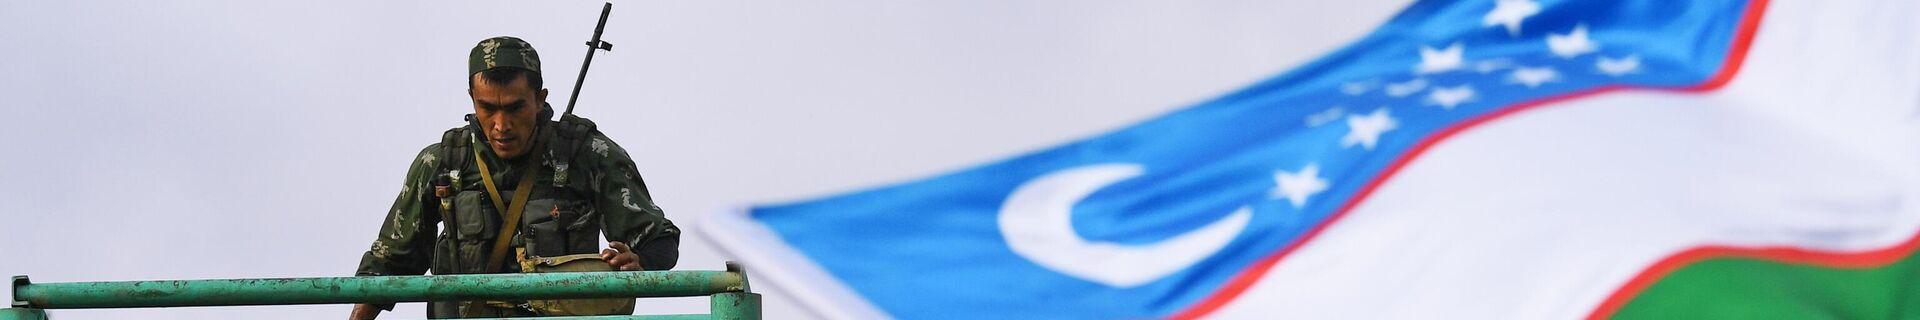 Военнослужащий вооруженных сил Узбекистана во время прохождения этапа Тропа разведчика в конкурсе Отличники войсковой разведки в рамках Армейских международных игр АрМИ-2020  - Sputnik Ўзбекистон, 1920, 14.08.2021